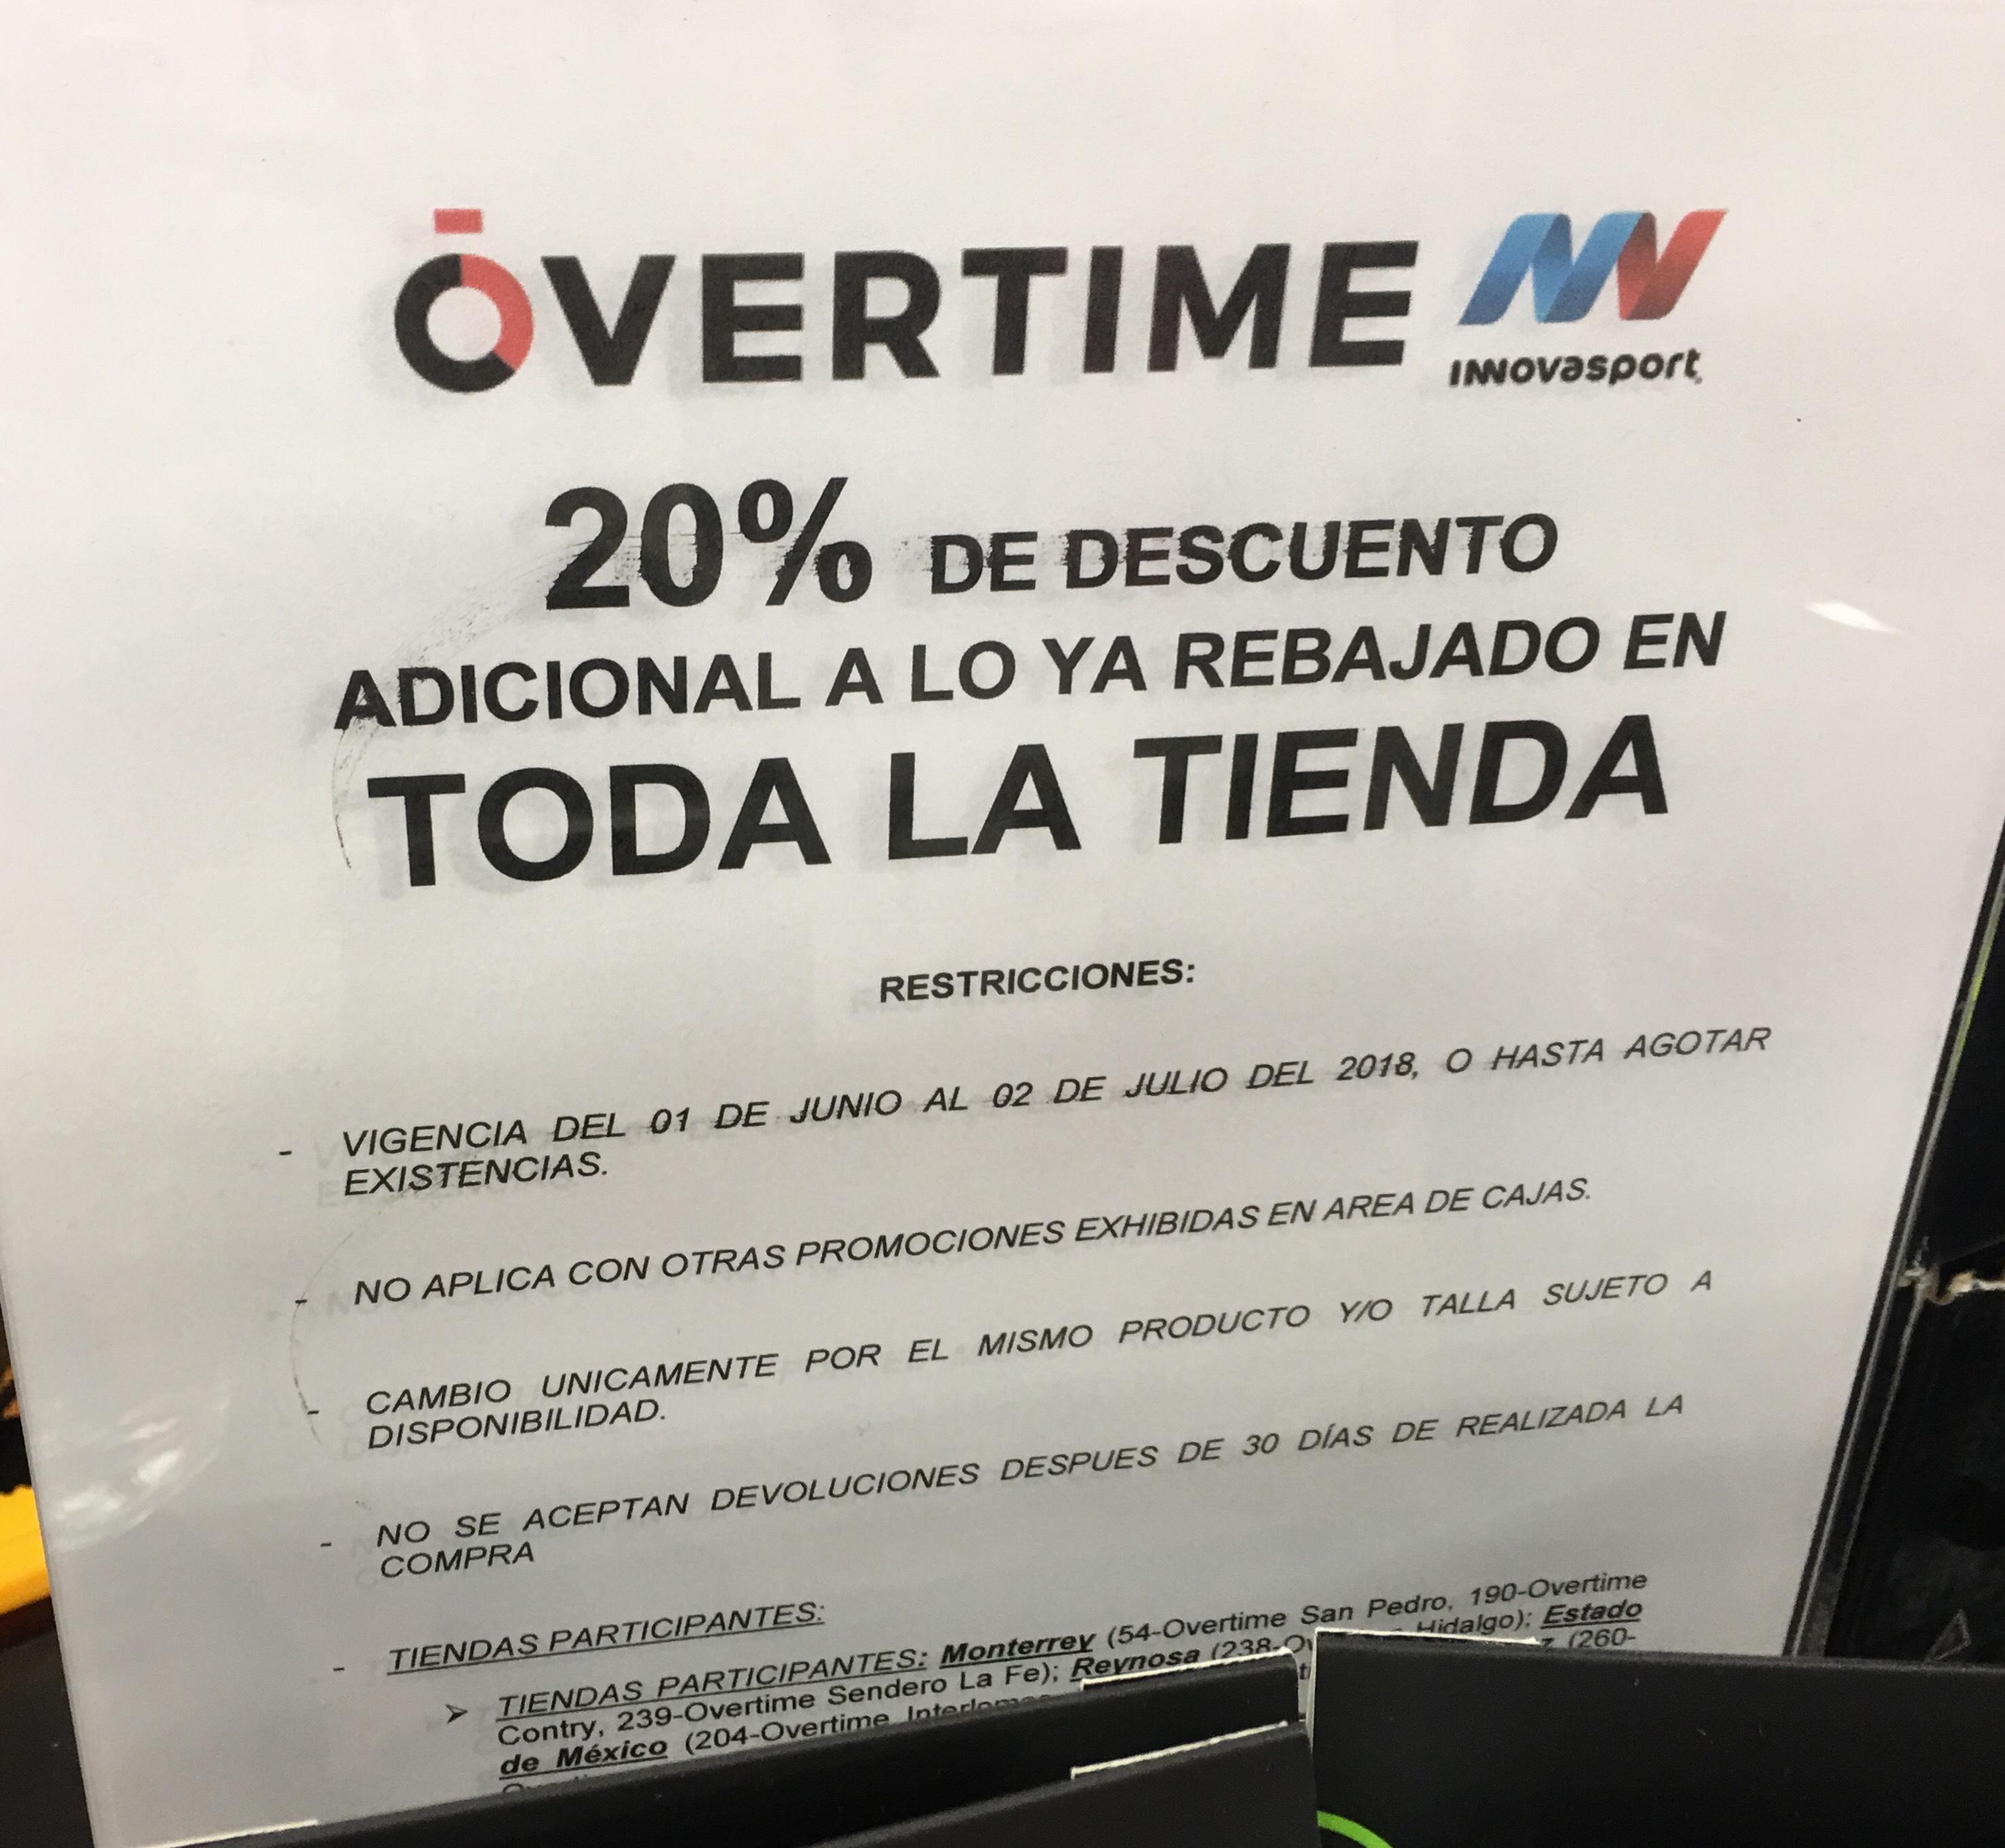 InnovaSport Overtime: 20% de descuento adicional en rebajas